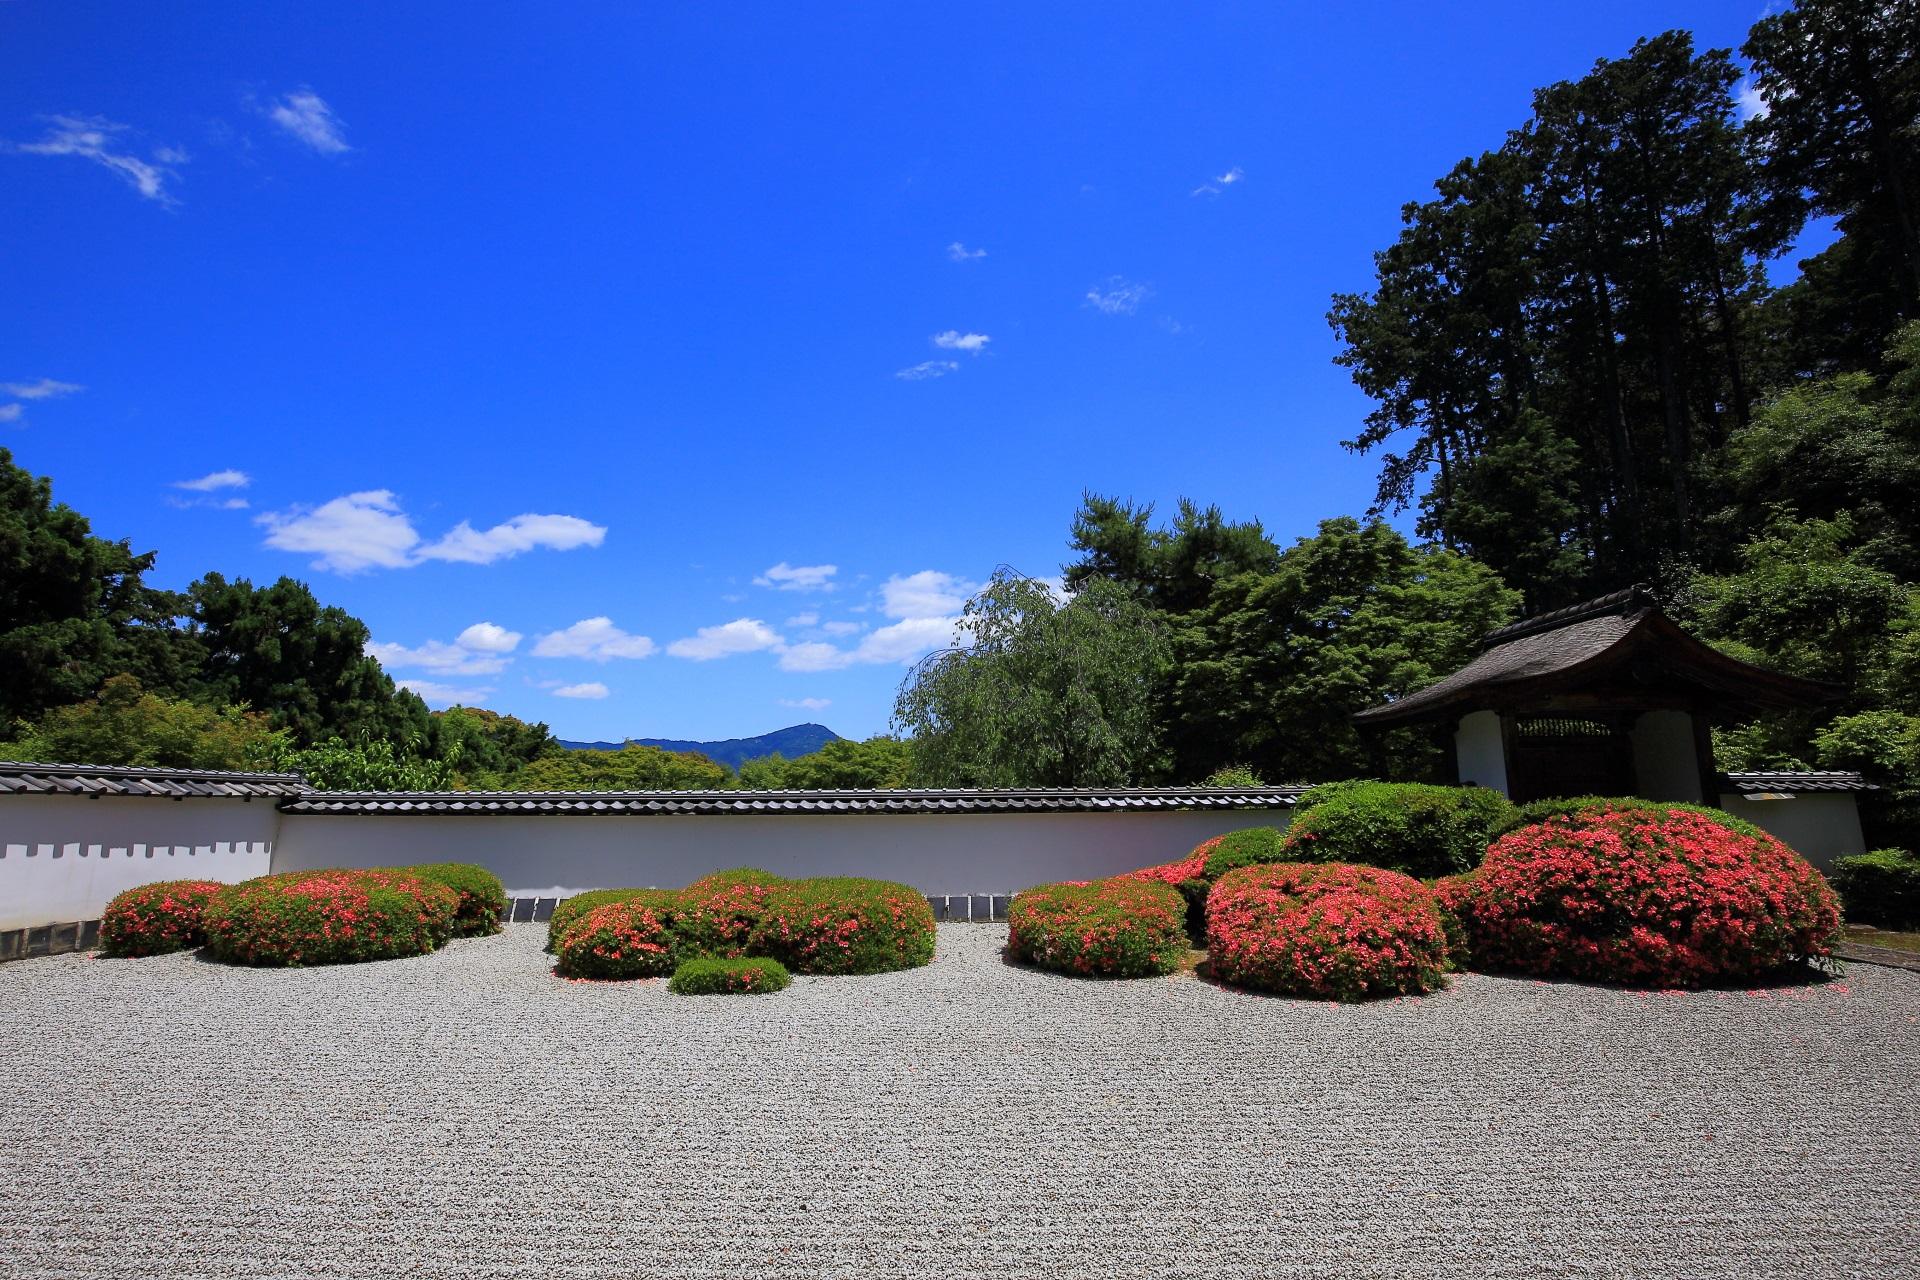 正伝寺 さつき 比叡山借景の鮮やかな枯山水庭園